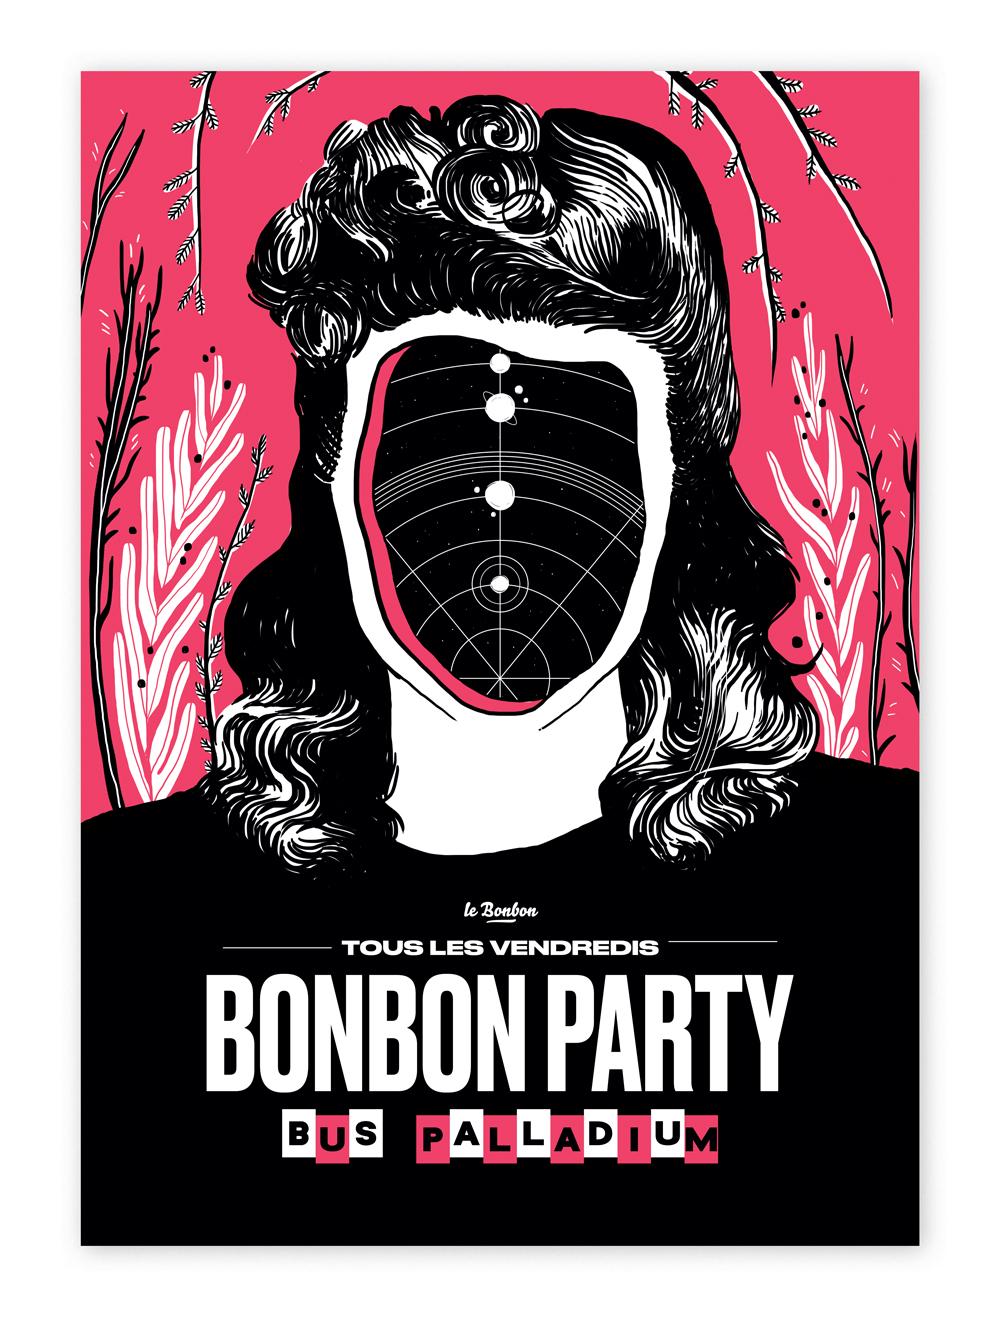 BONBON-PARTY_Affiche